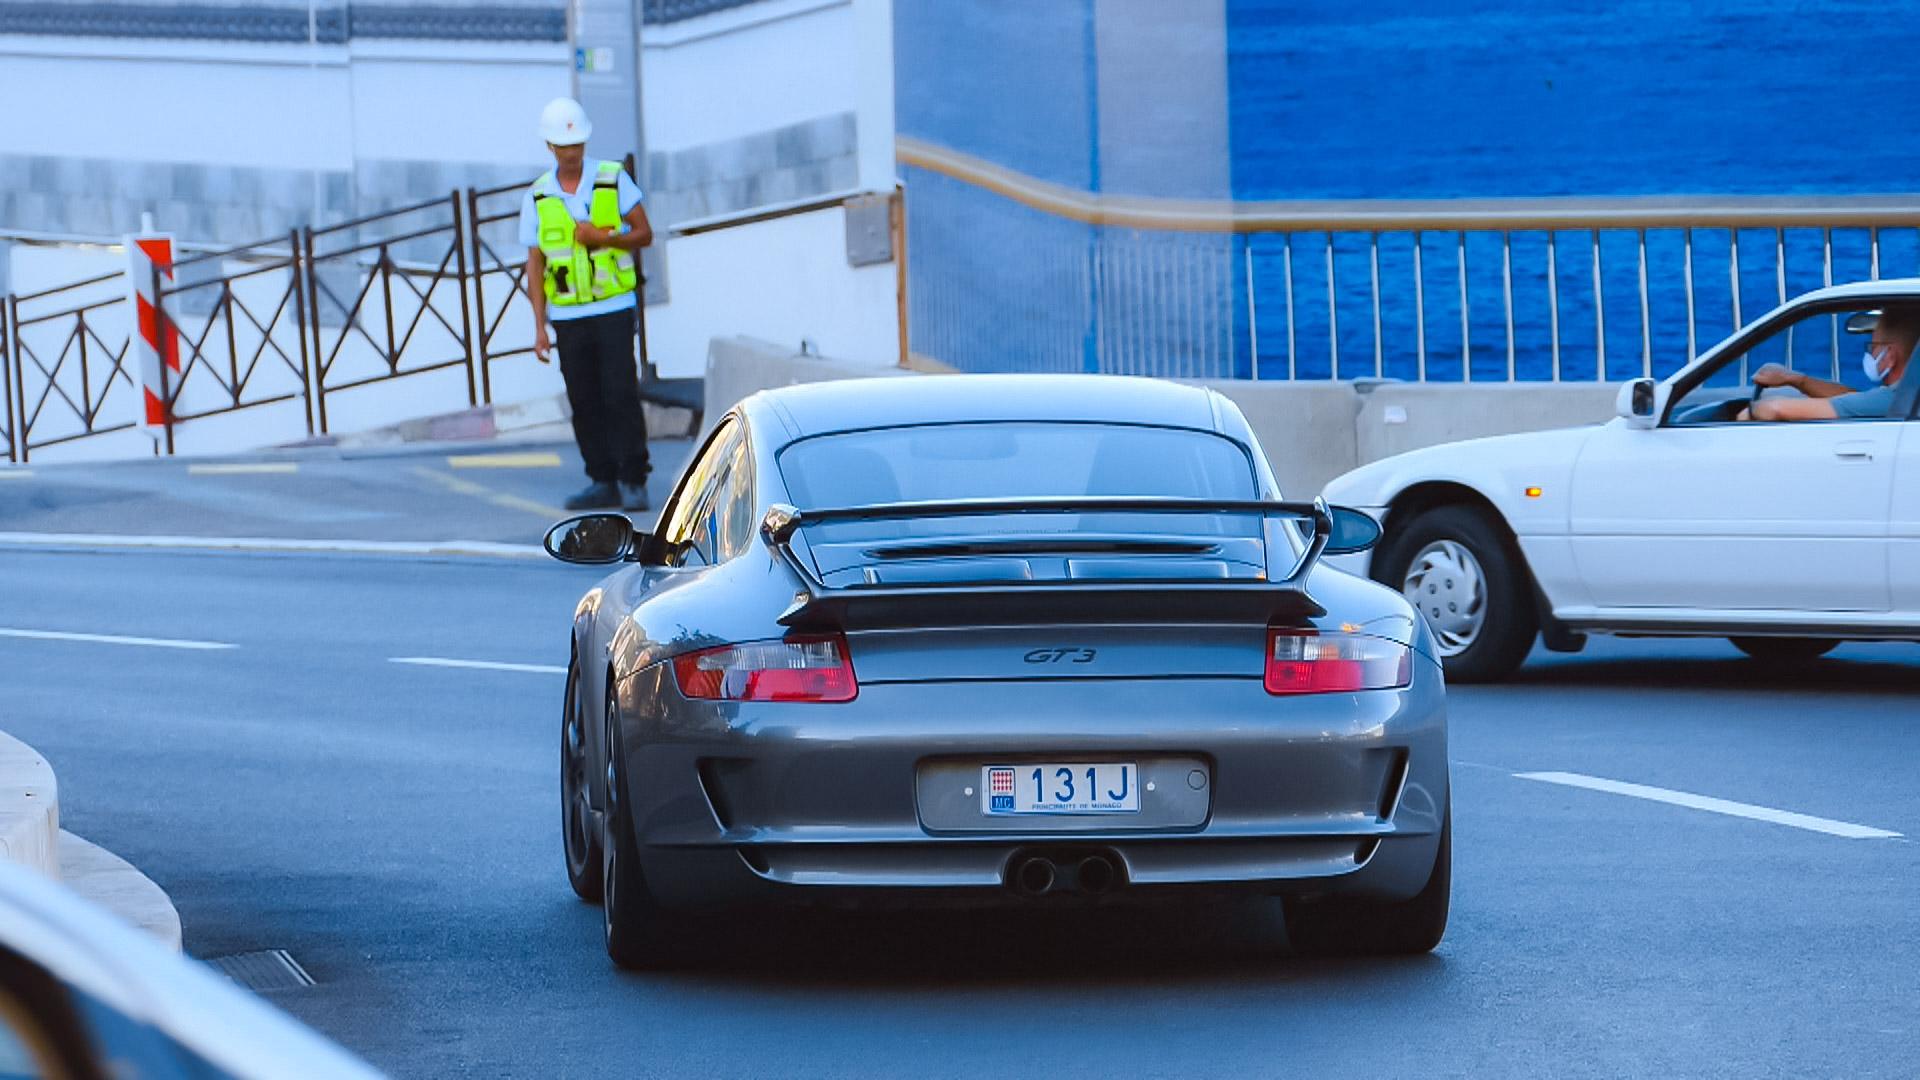 Porsche GT3 996 - 131J (MC)